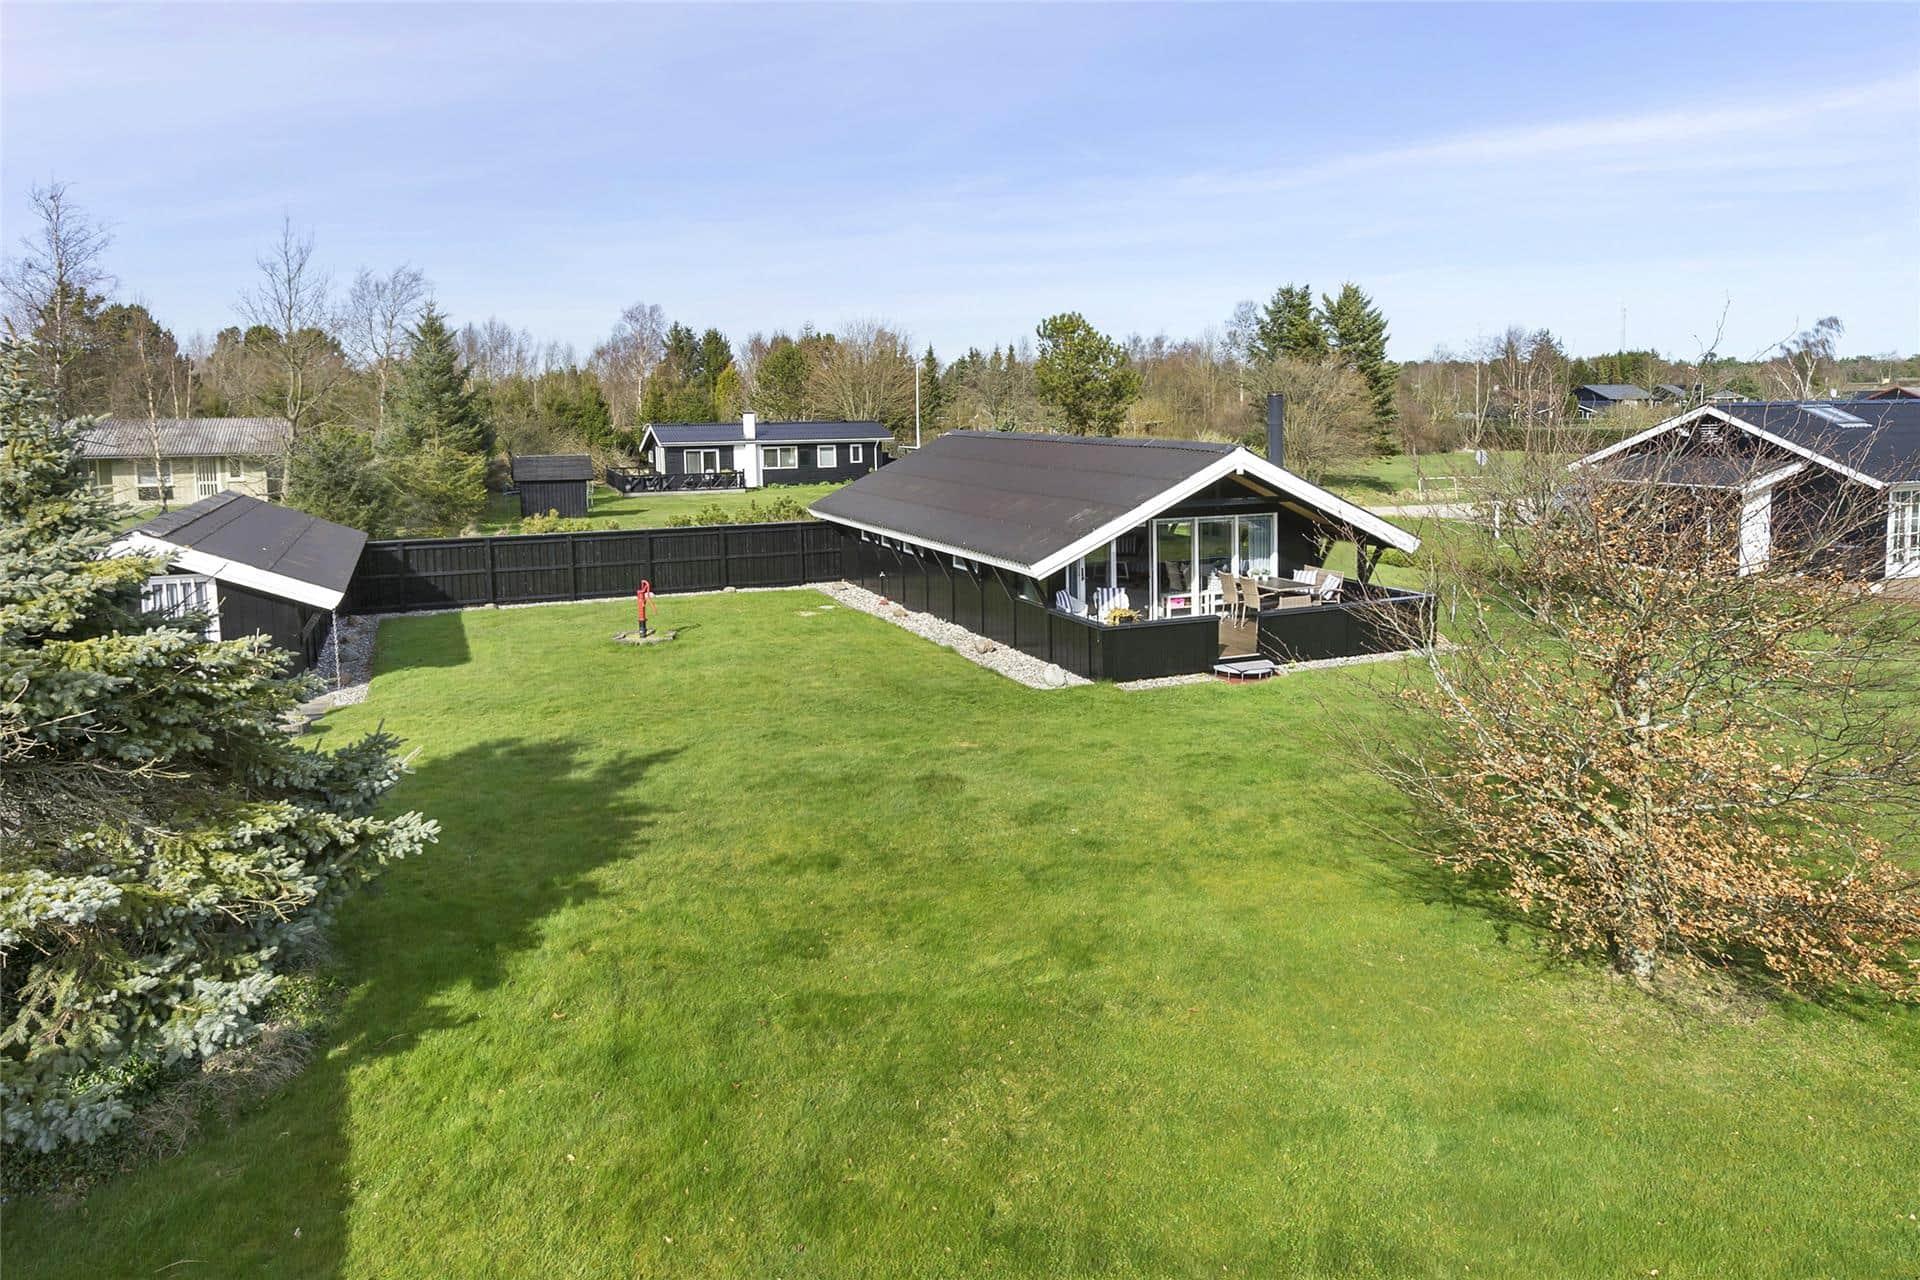 Billede 1-401 Sommerhus HA241, Knudsvej 11, DK - 9370 Hals